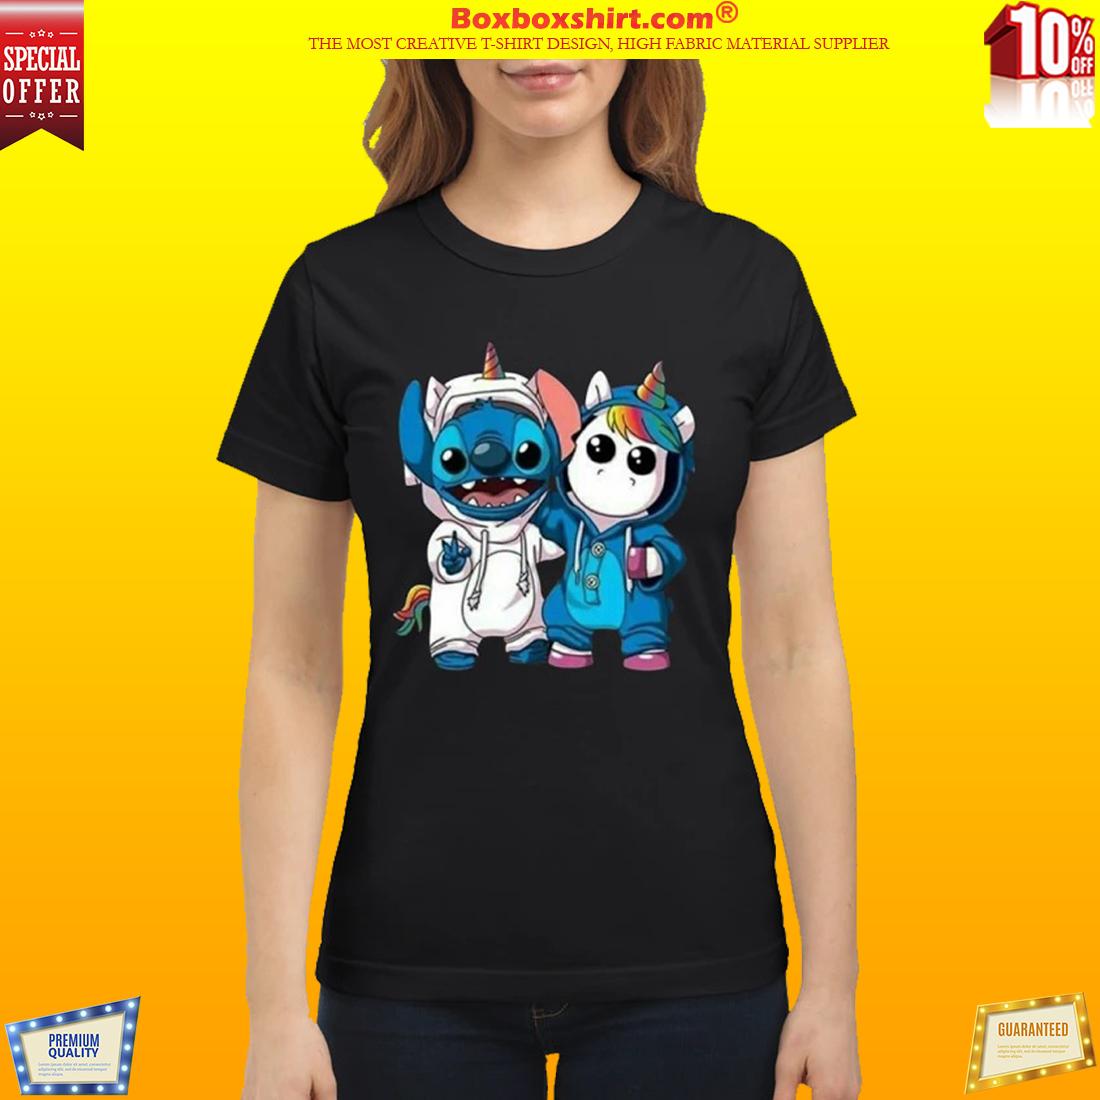 Baby unicorn and stitch classic shirt